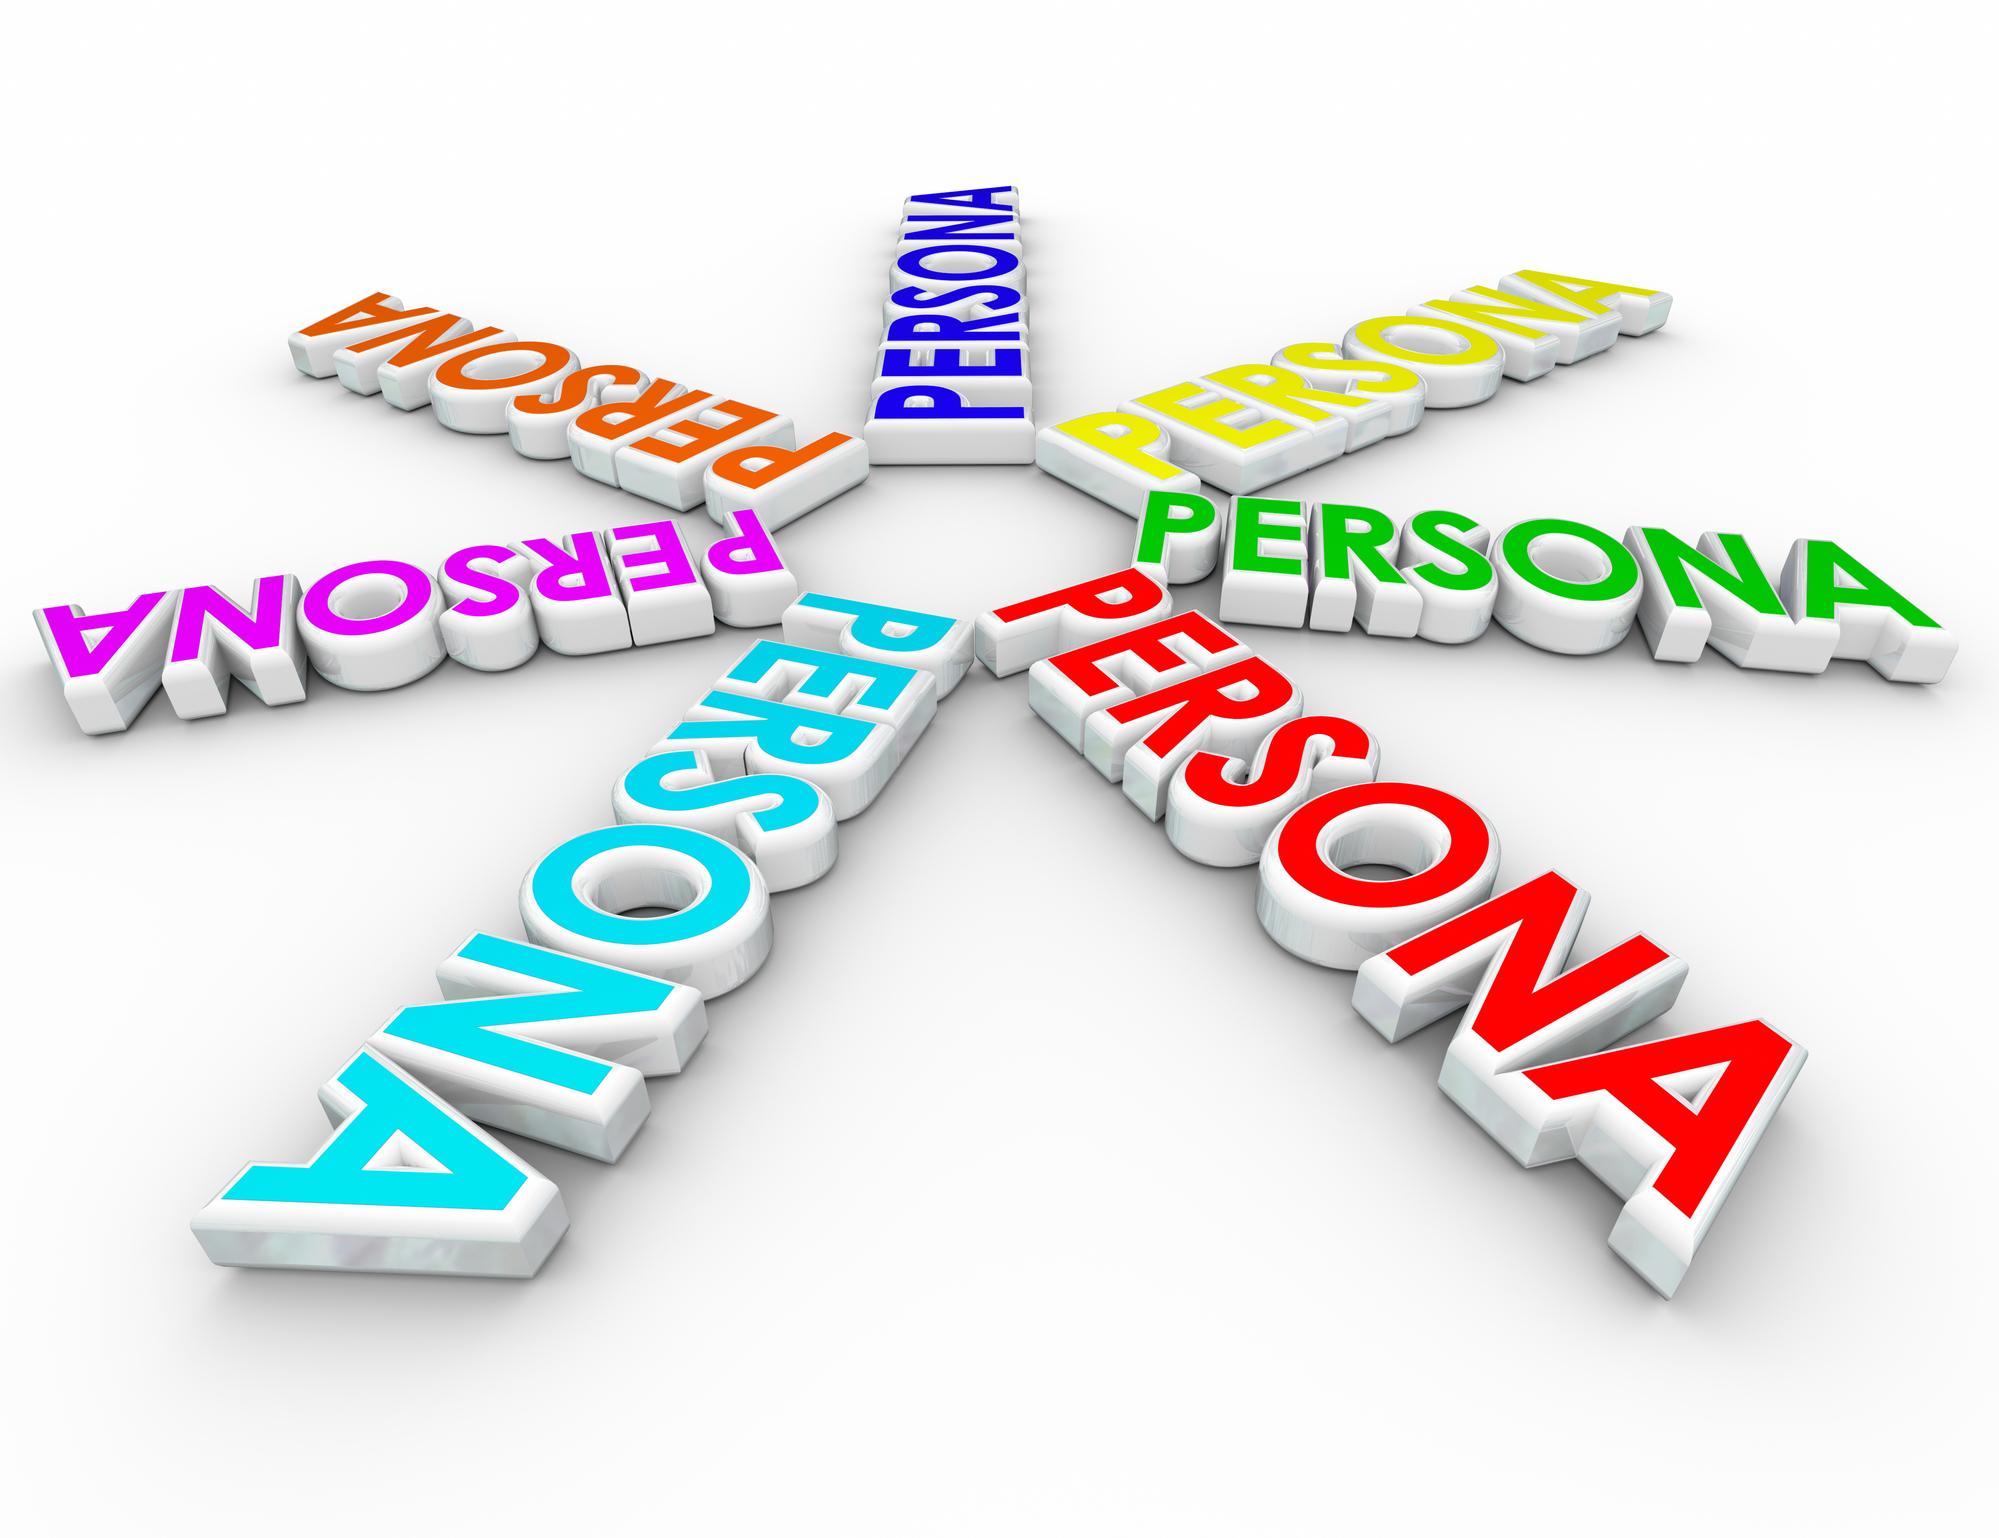 Word Persona in a spoke-wheel pattern